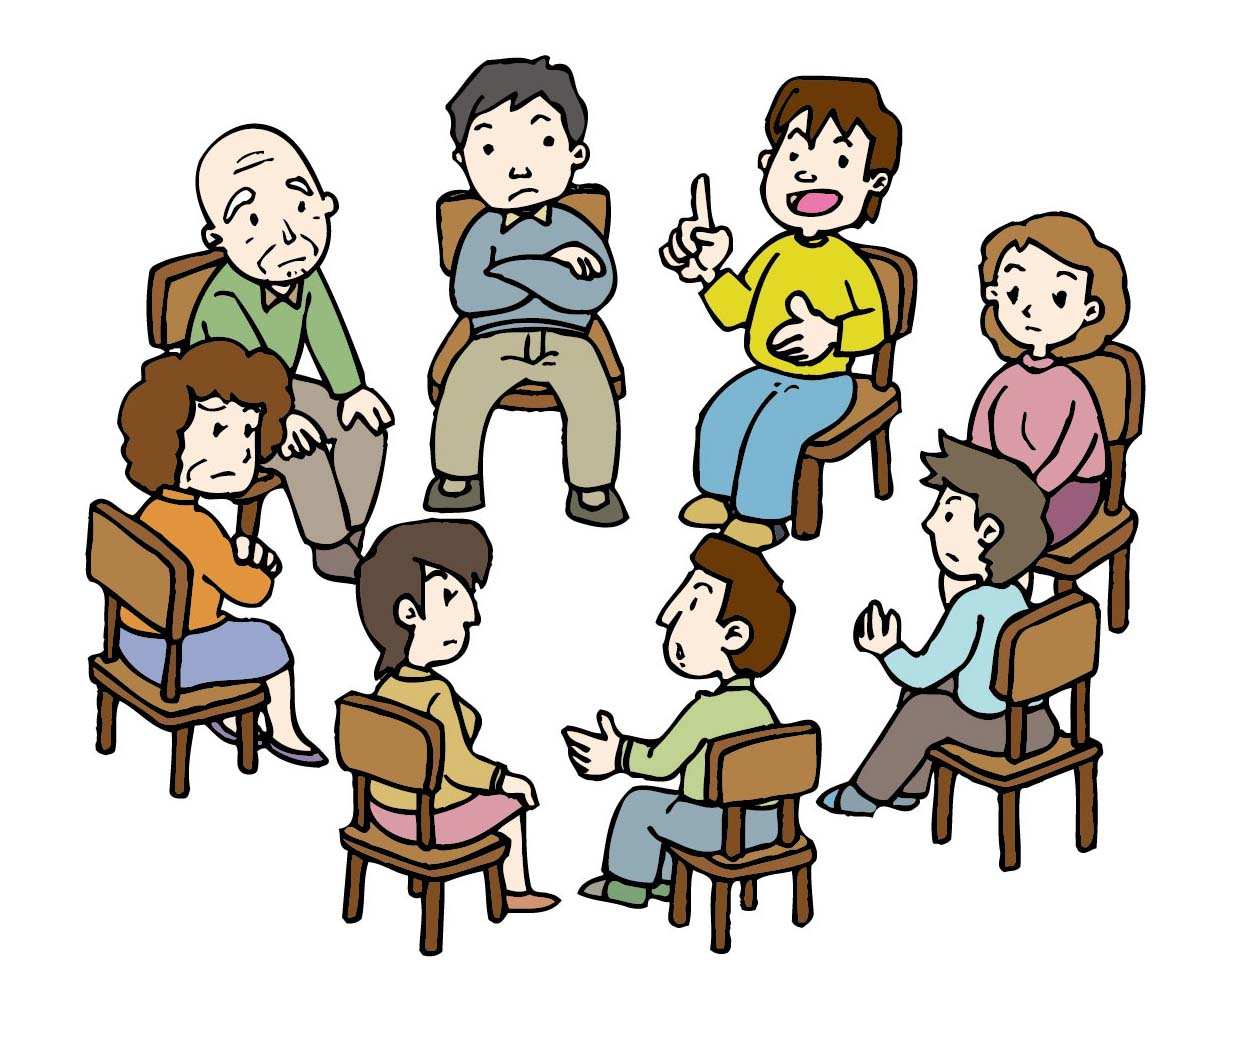 【イベント】第1回子どもの貧困対策情報交換会「なぜ見えない?子どもの貧困」-「なくそう! 子どもの貧困」全国ネットワーク